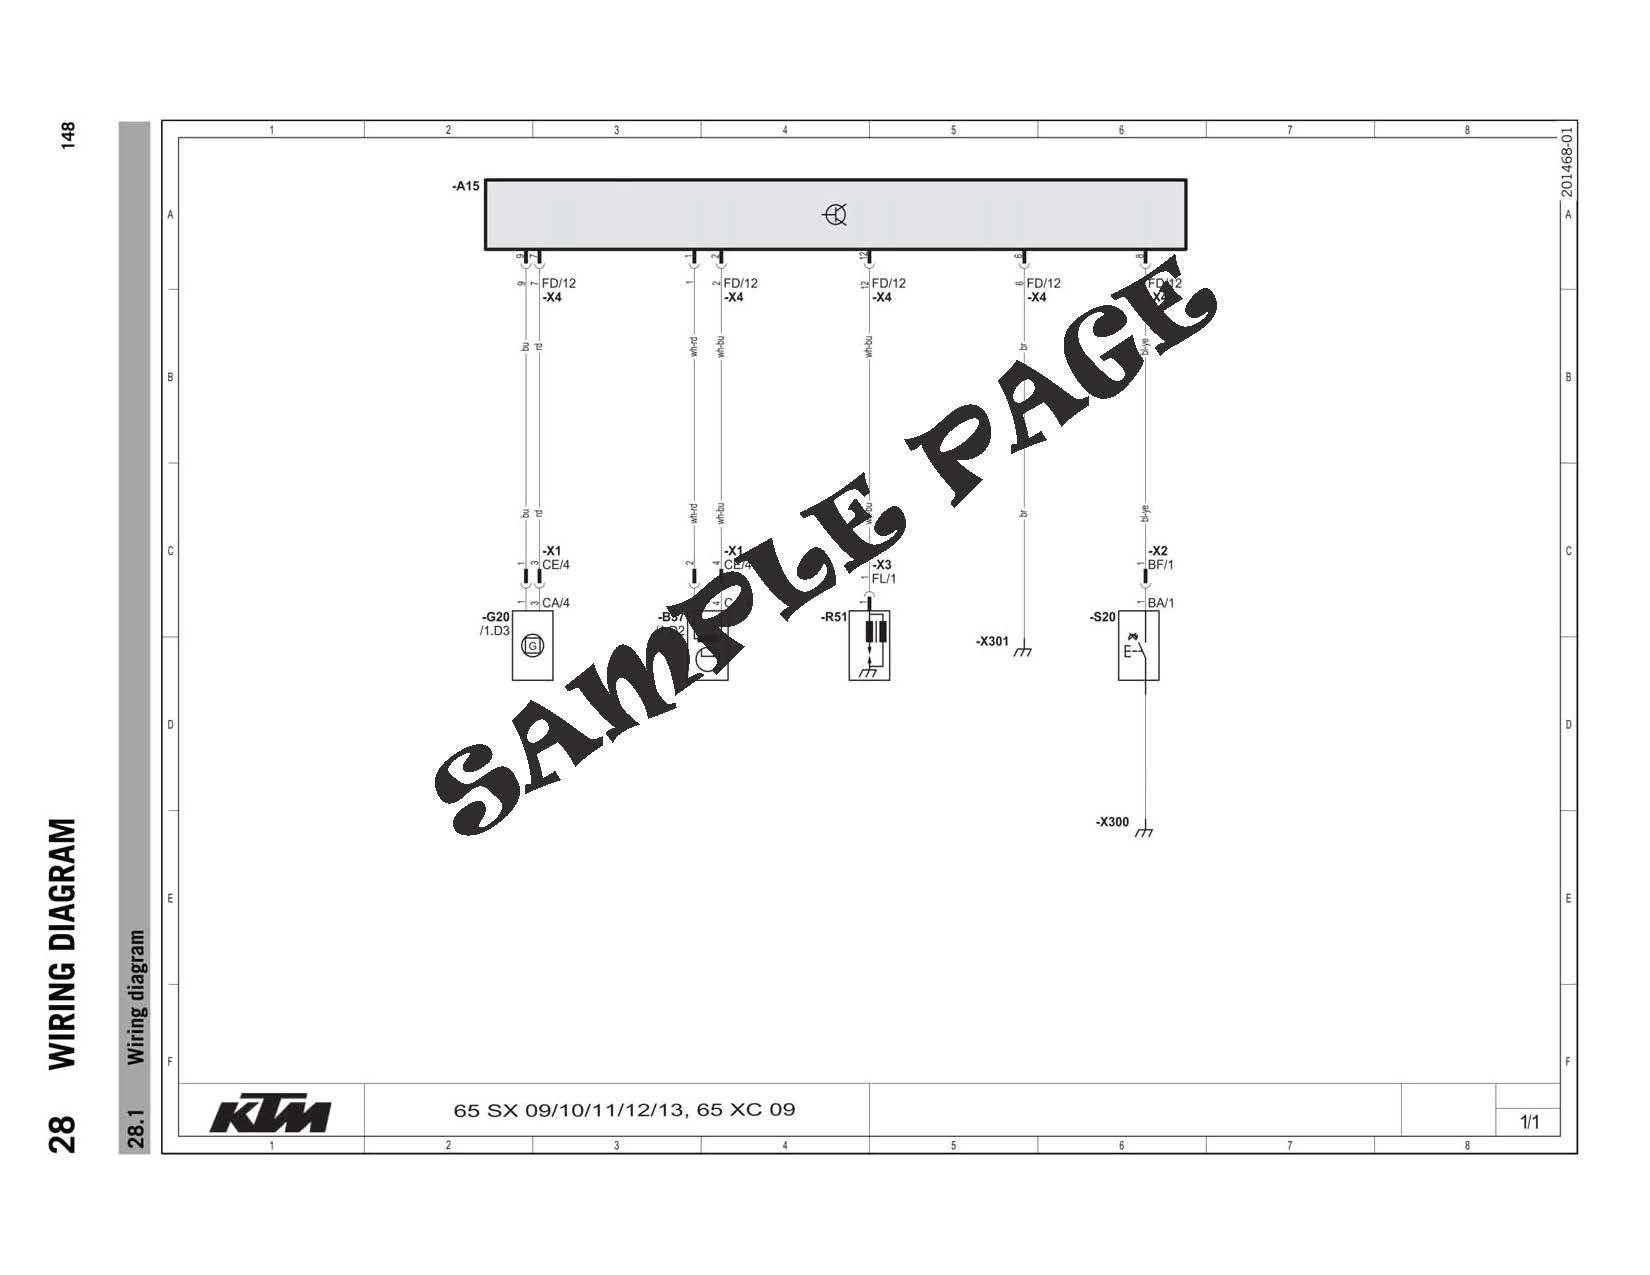 2018 Softail Service Manual Pdf. Englisch PDF herunterladen